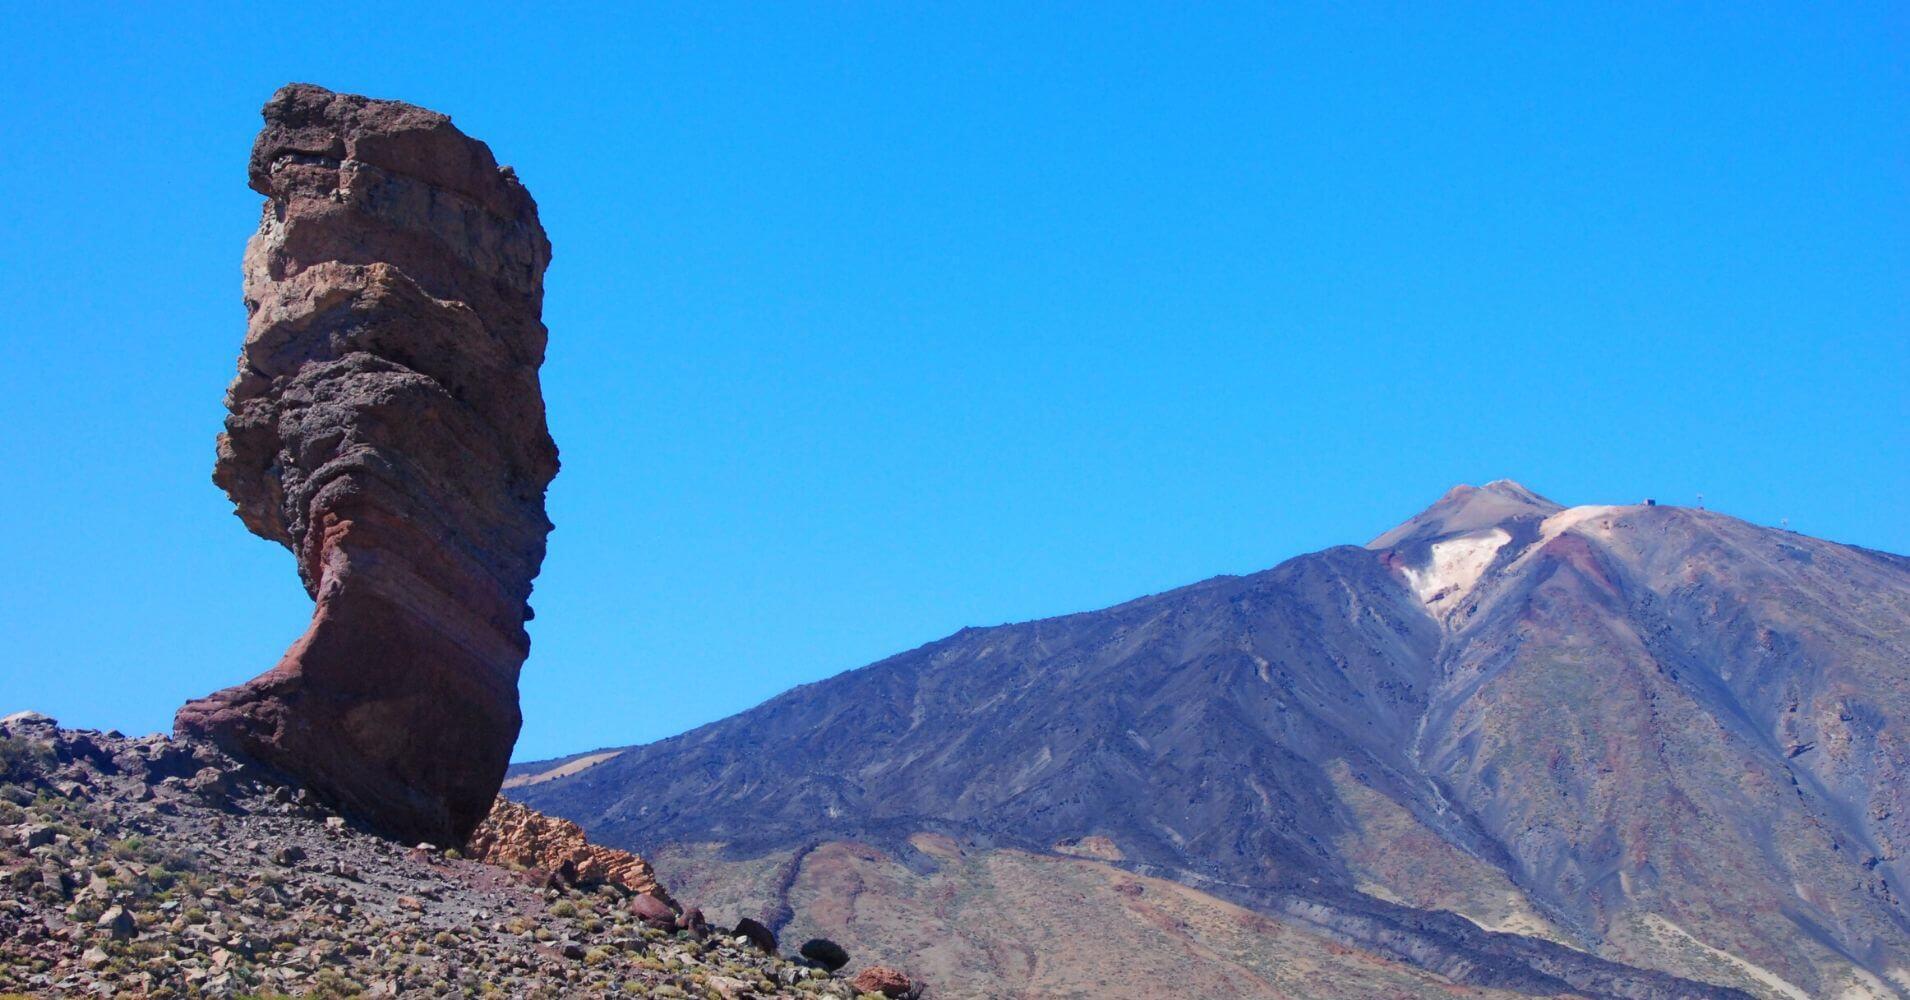 Parques Nacionales de Canarias. Parque Nacional Cañadas del Teide. Isla de Tenerife, Islas Canarias.